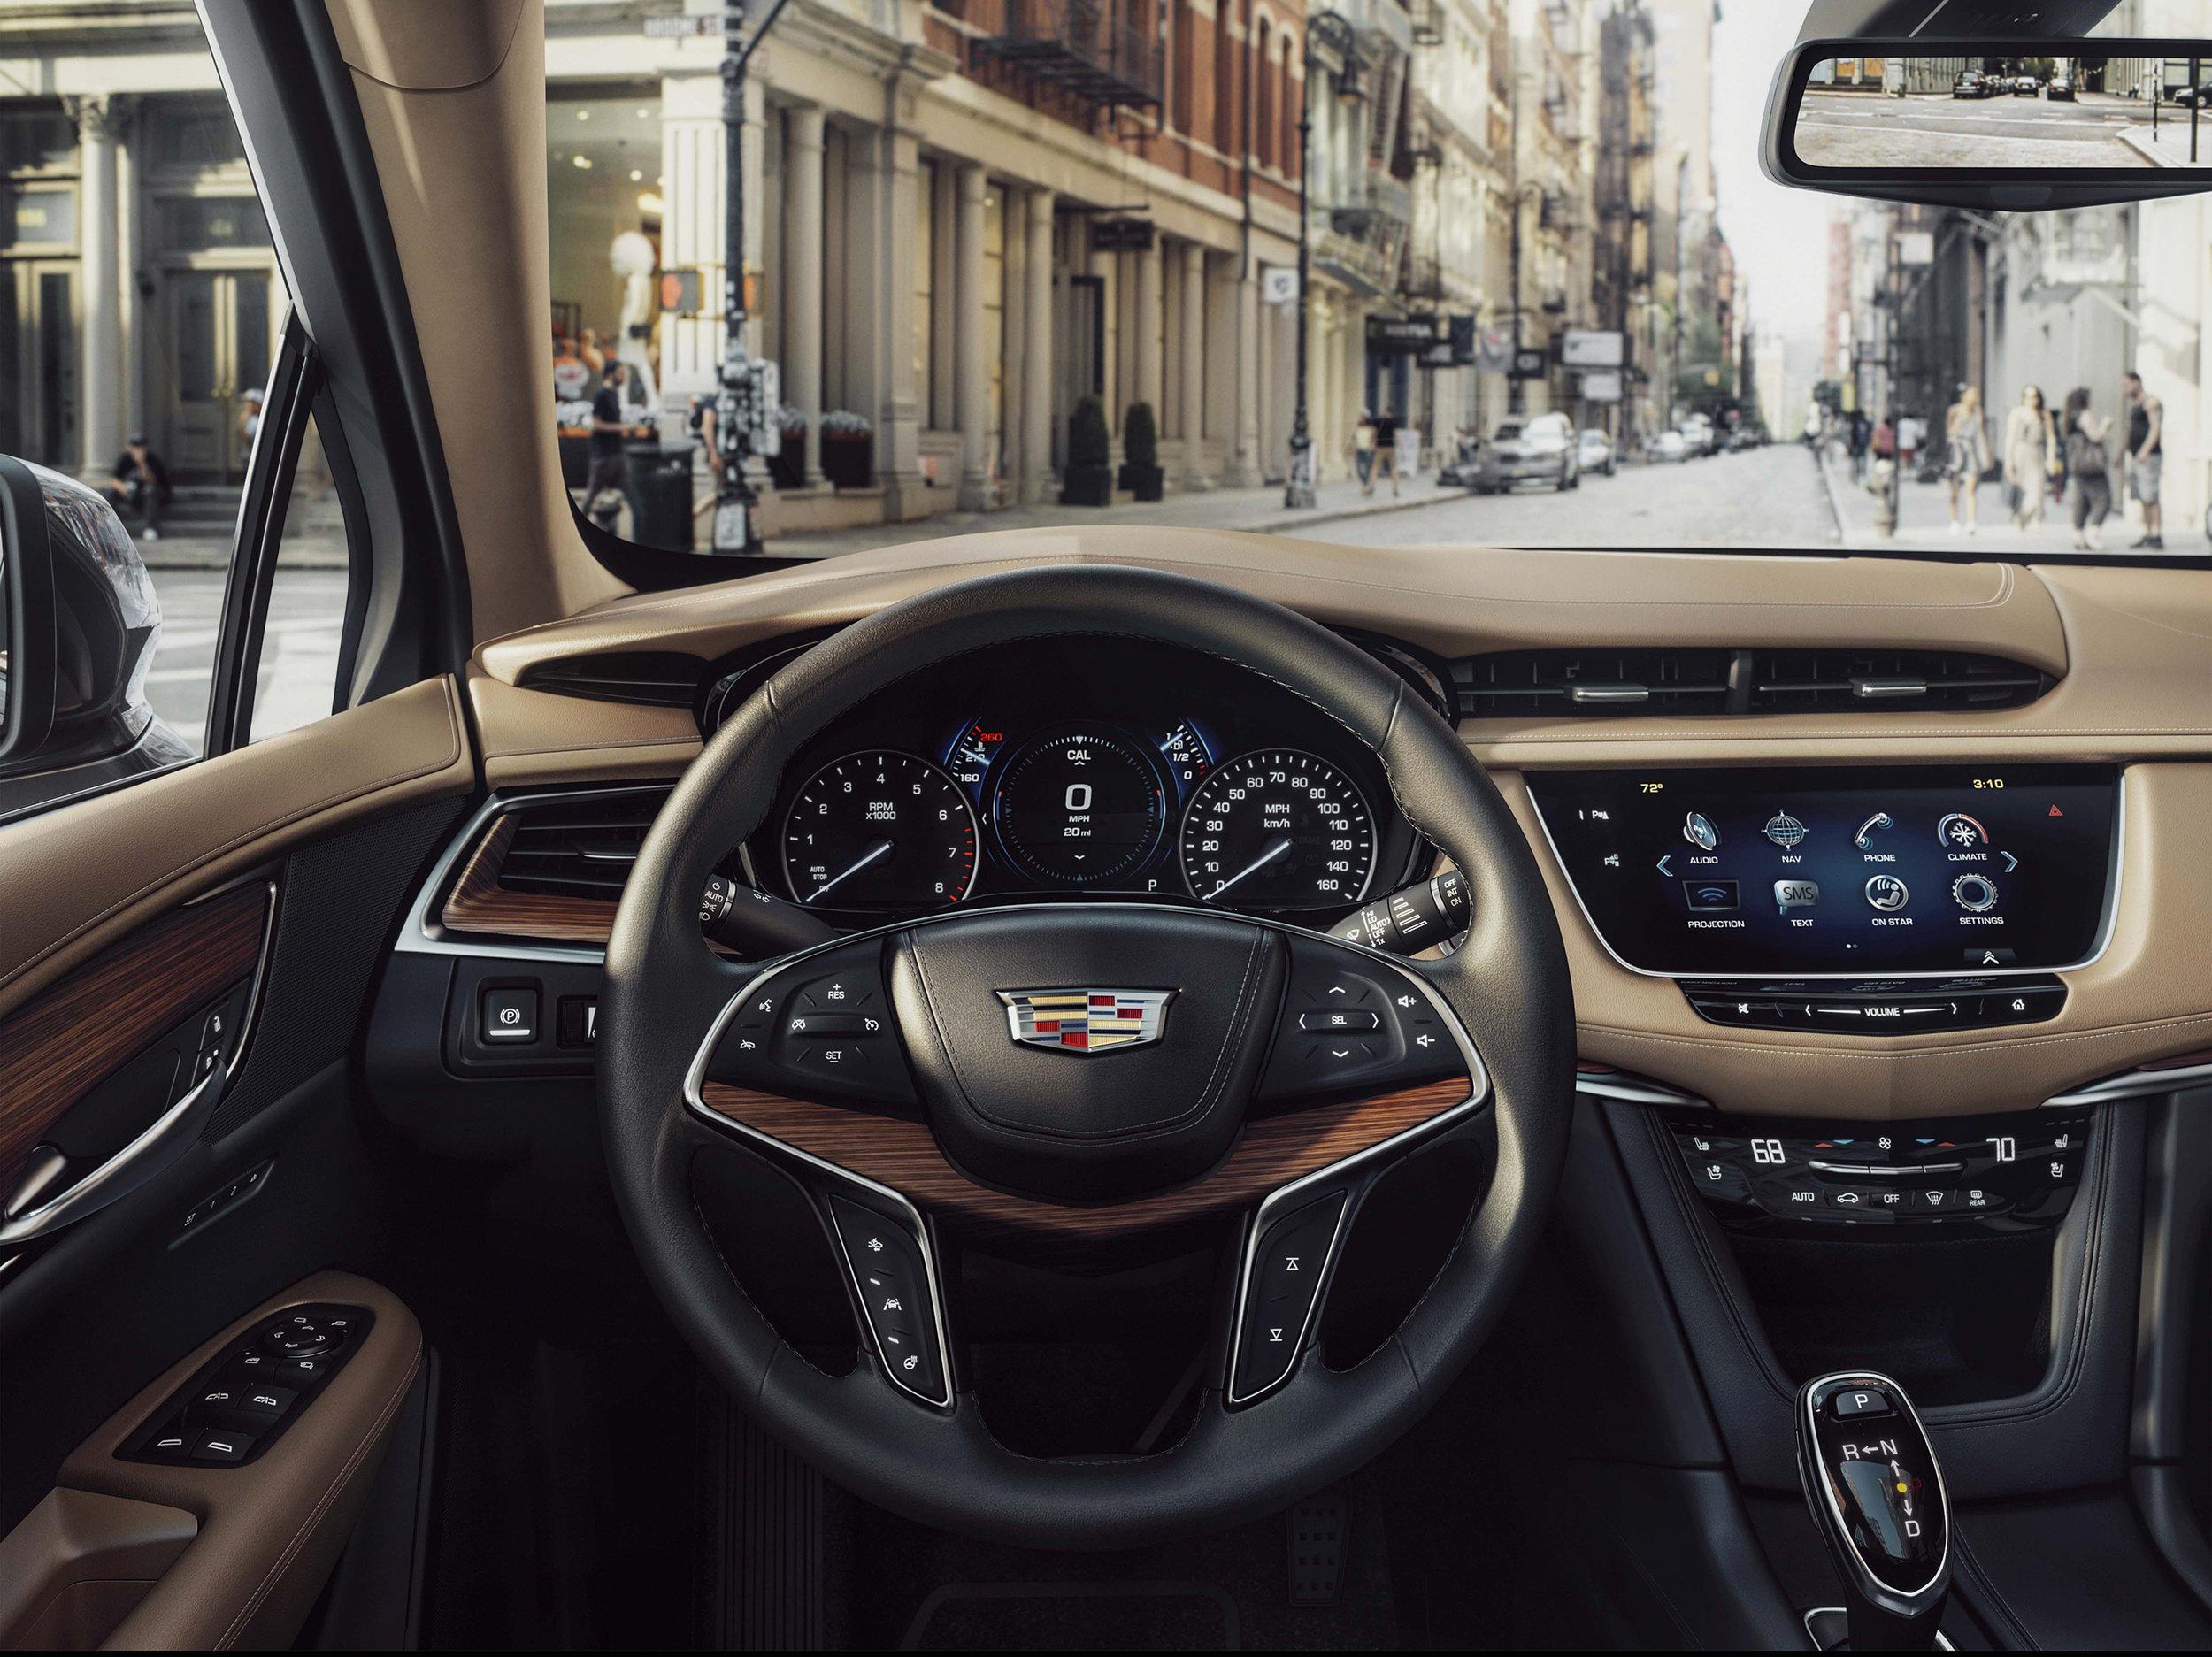 2017-Cadillac-XT5-017.jpg